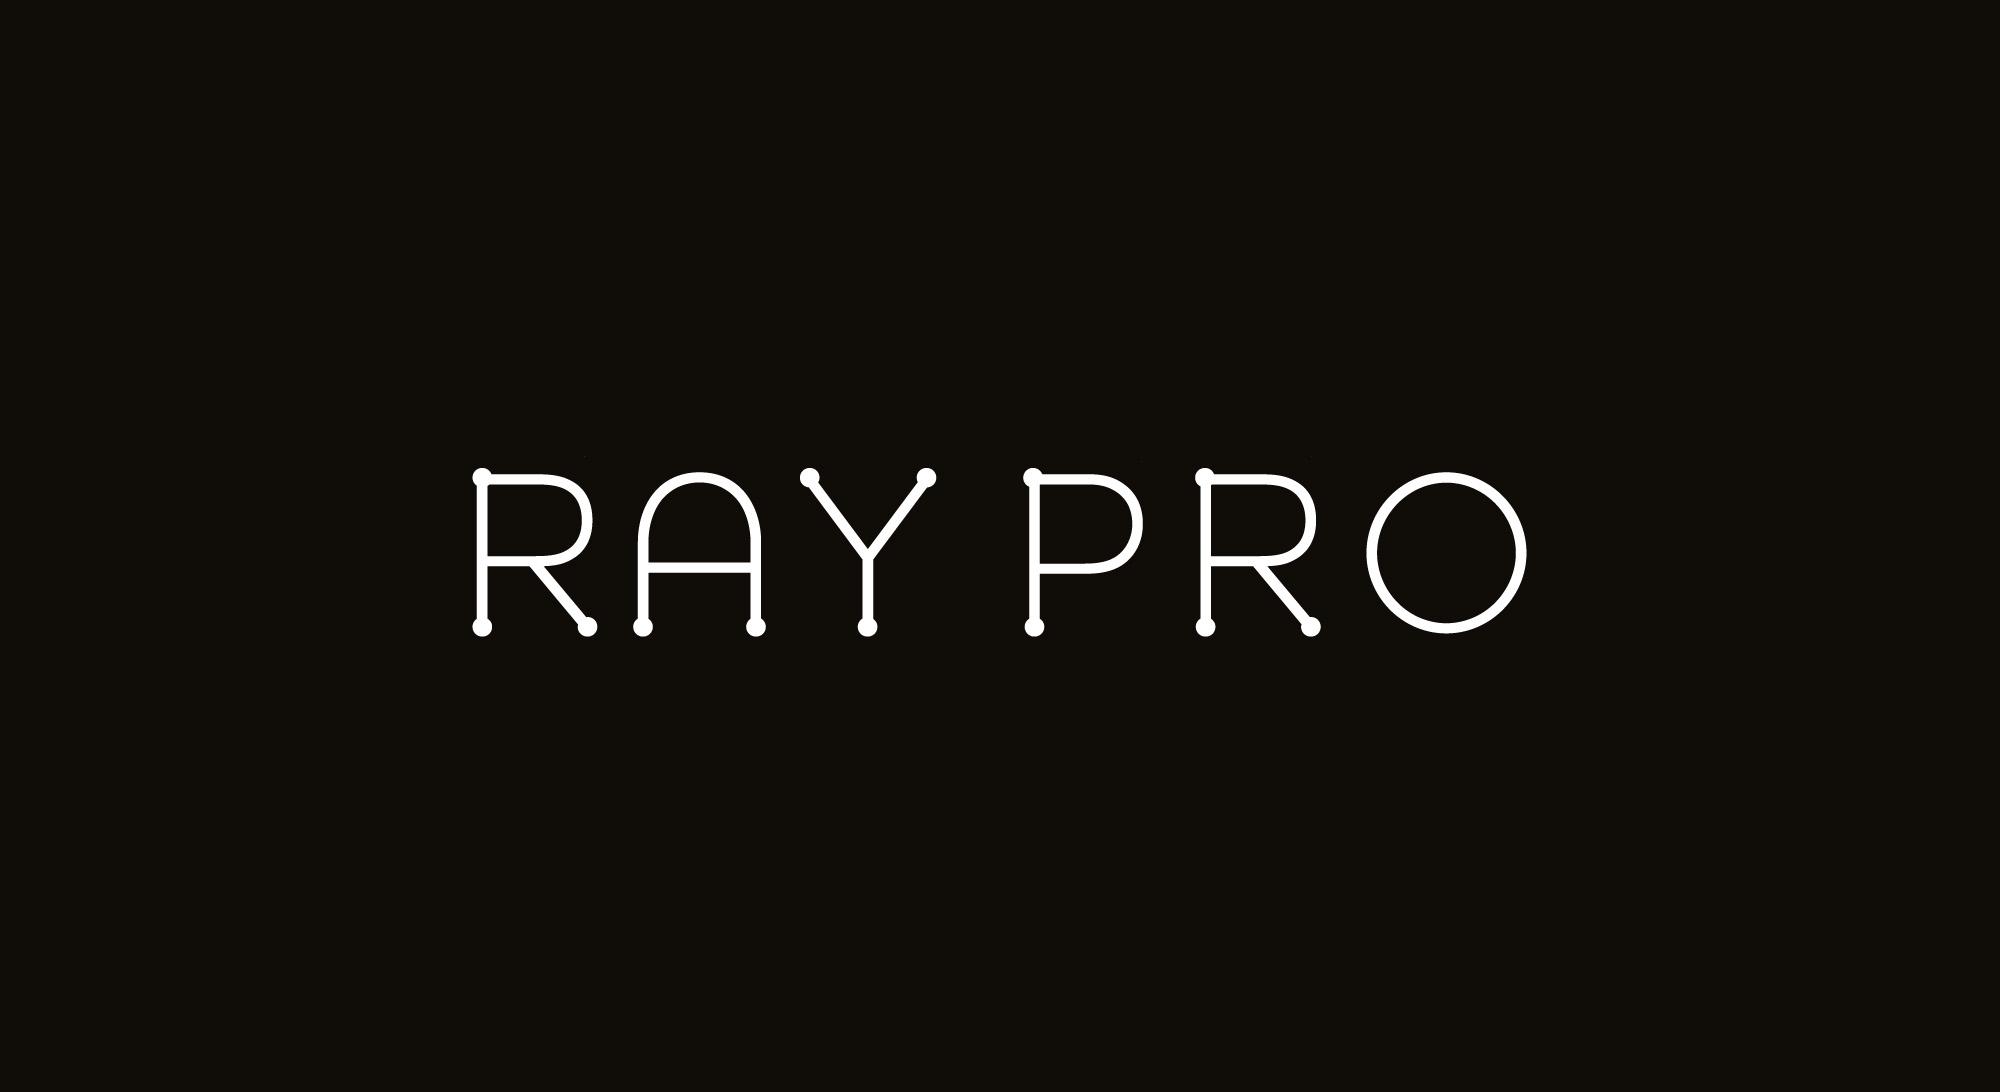 Разработка логотипа (продукт - светодиодная лента) фото f_4895bc0d43b8ed21.jpg